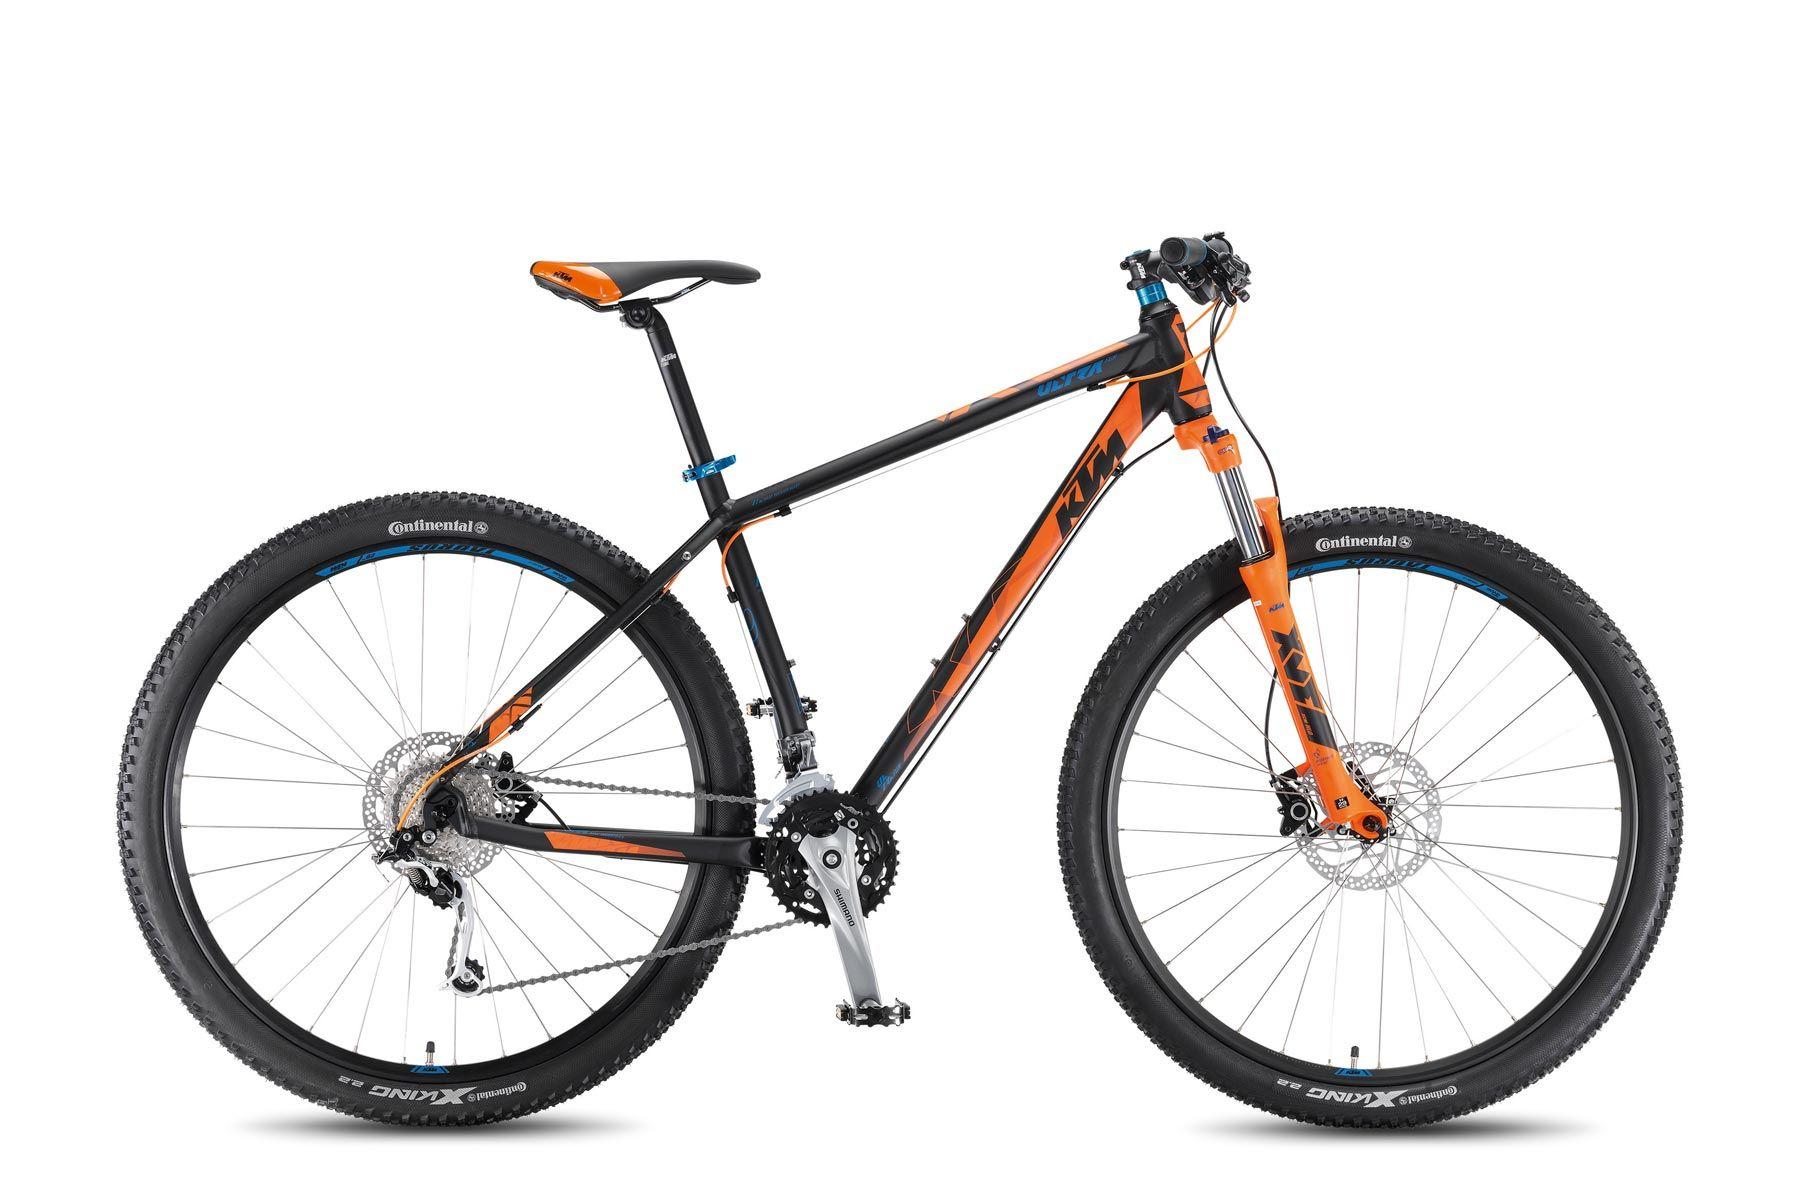 Велосипед KTMГорные<br>Классический велосипед для катания по городу и пересеченной местности. Велосипед сочетает в себе элегантный дизайн и современное навесное оборудование. Легкость велосипеду обеспечивают алюминиевые вилка и рама Ultra 29 Alloyframe. Подобрать нужную передачу на спуске или подъеме вам поможет навесное оборудование любительского уровня Shimano. Дисковые гидравлические тормоза Shimano Altus гарантируют мгновенную остановку.<br><br>year: 2016<br>цвет: чёрный<br>пол: мужской<br>тип рамы: хардтейл<br>уровень оборудования: профессиональный<br>длина хода вилки: от 100 до 150 мм<br>тип заднего амортизатора: без амортизатора<br>блокировка амортизатора: да<br>рулевая колонка: Ritchey OE Logic Zero<br>вынос: KTM Comp ST-92A, 7 градусов<br>руль: KTM Comp HB-FB21L, прямой, ширина 700 мм, 9 градусов<br>грипсы: KTM Line VLG-1546A<br>передний тормоз: Shimano RT30 CL, диаметр ротора 180 мм<br>задний тормоз: Shimano RT30 CL, диаметр ротора 180 мм<br>тормозные ручки: Shimano M355, 3-F<br>система: Shimano M3000, 40-30-22T<br>педали: Wellgo C127<br>ободья: KTM-Line CC 29<br>передняя втулка: Shimano RM33 CL - 100QR<br>задняя втулка: Shimano RM33 CL - 135QR<br>передняя покрышка: Continental X-King Sport 29, 55-622<br>задняя покрышка: Continental X-King Sport 29, 55-622<br>седло: KTM VL-3378<br>подседельный штырь: KTM Line SP-612, 400/27.2 мм<br>кассета: Shimano HG300-9, 11-34<br>манетки: Shimano Altus M370-9<br>вес: 14,9 кг<br>рама: Ultra 29, Hardtail, R: 135QR, алюминиевый сплав<br>вилка: Suntour XCM-HLO 29, Lockout w/o Remote, ход 100 мм<br>размер рамы: 19&amp;amp;quot;<br>Серия: None<br>материал рамы: алюминий<br>тип тормозов: дисковый гидравлический<br>диаметр колеса: 29<br>тип амортизированной вилки: пружинно-масляная<br>передний переключатель: Shimano Alivio M4000<br>задний переключатель: Shimano Deore XT M772, shadow<br>количество скоростей: 27